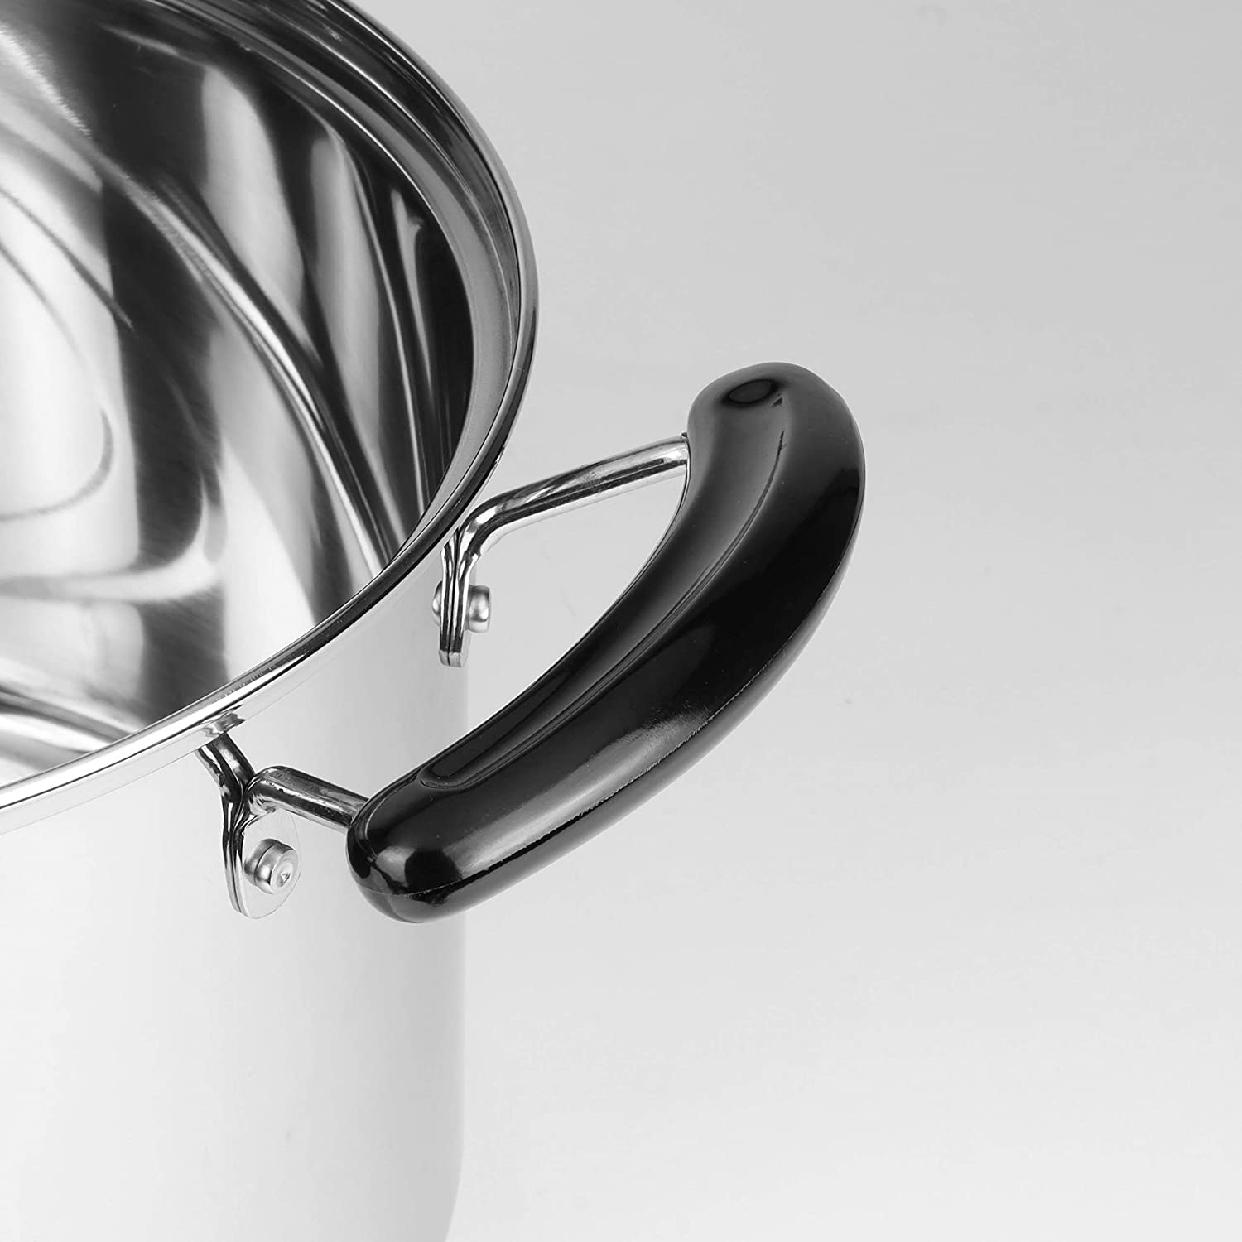 ニューダンランステンレス製ガラス蓋付兼用鍋22cm H-5872の商品画像8